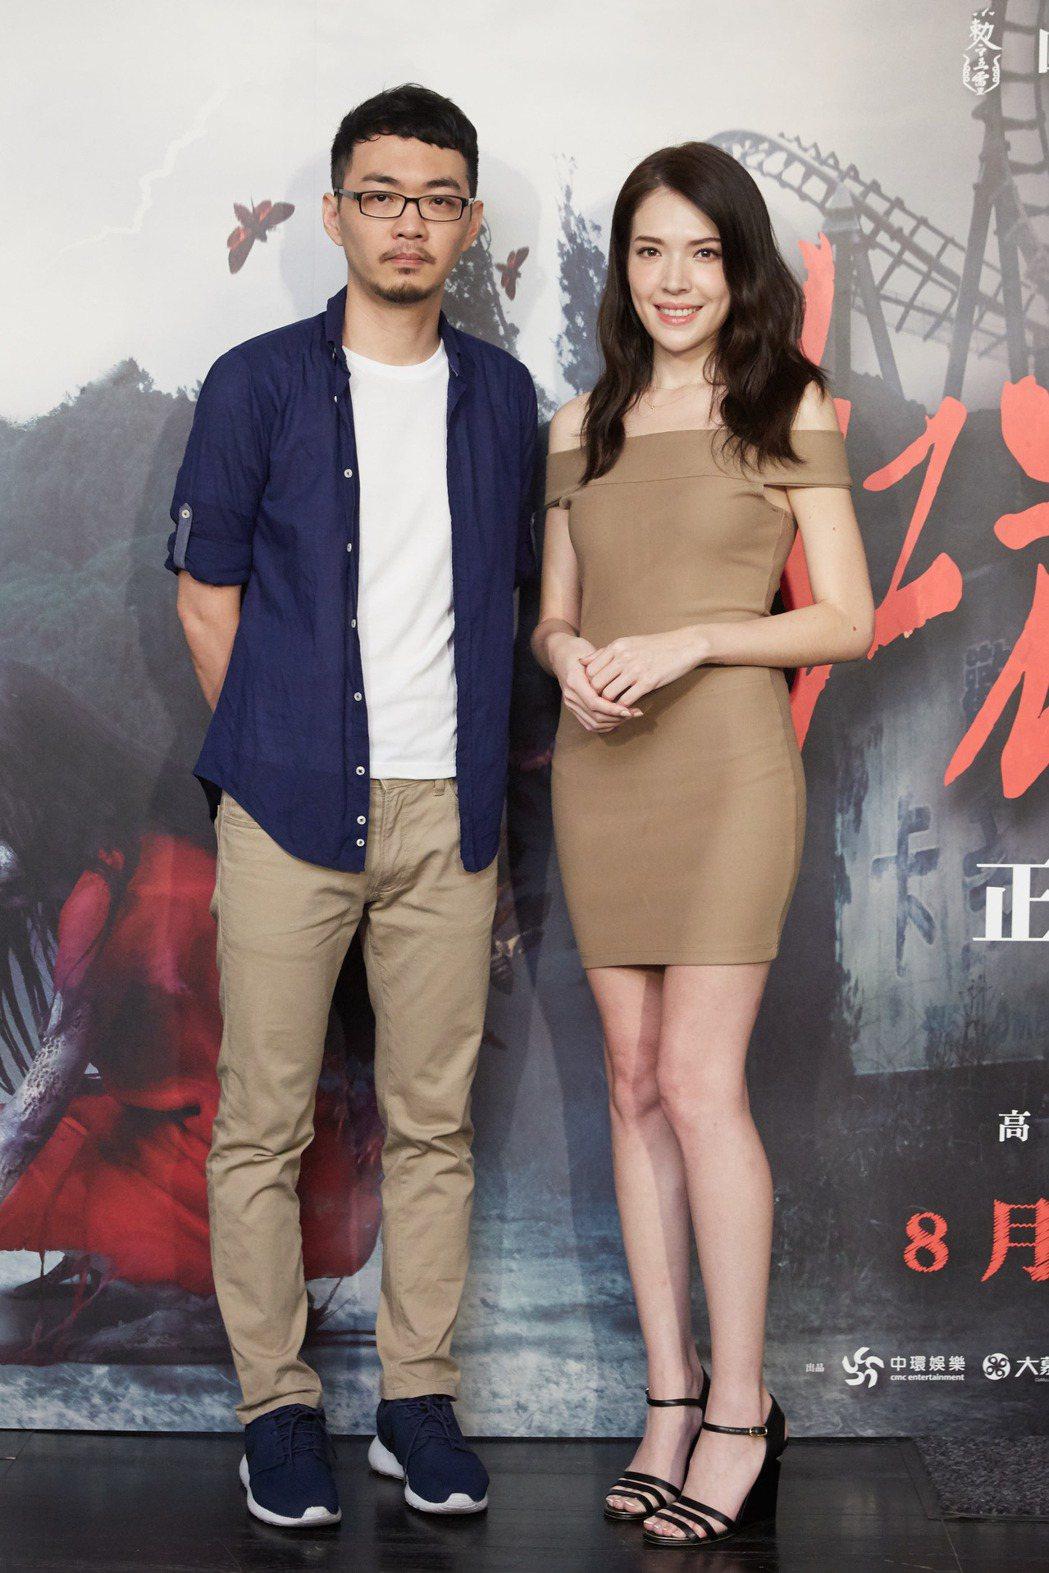 許瑋甯(右)與導演程偉豪共同出席「紅衣小女孩2」預告發佈會。圖/威視提供